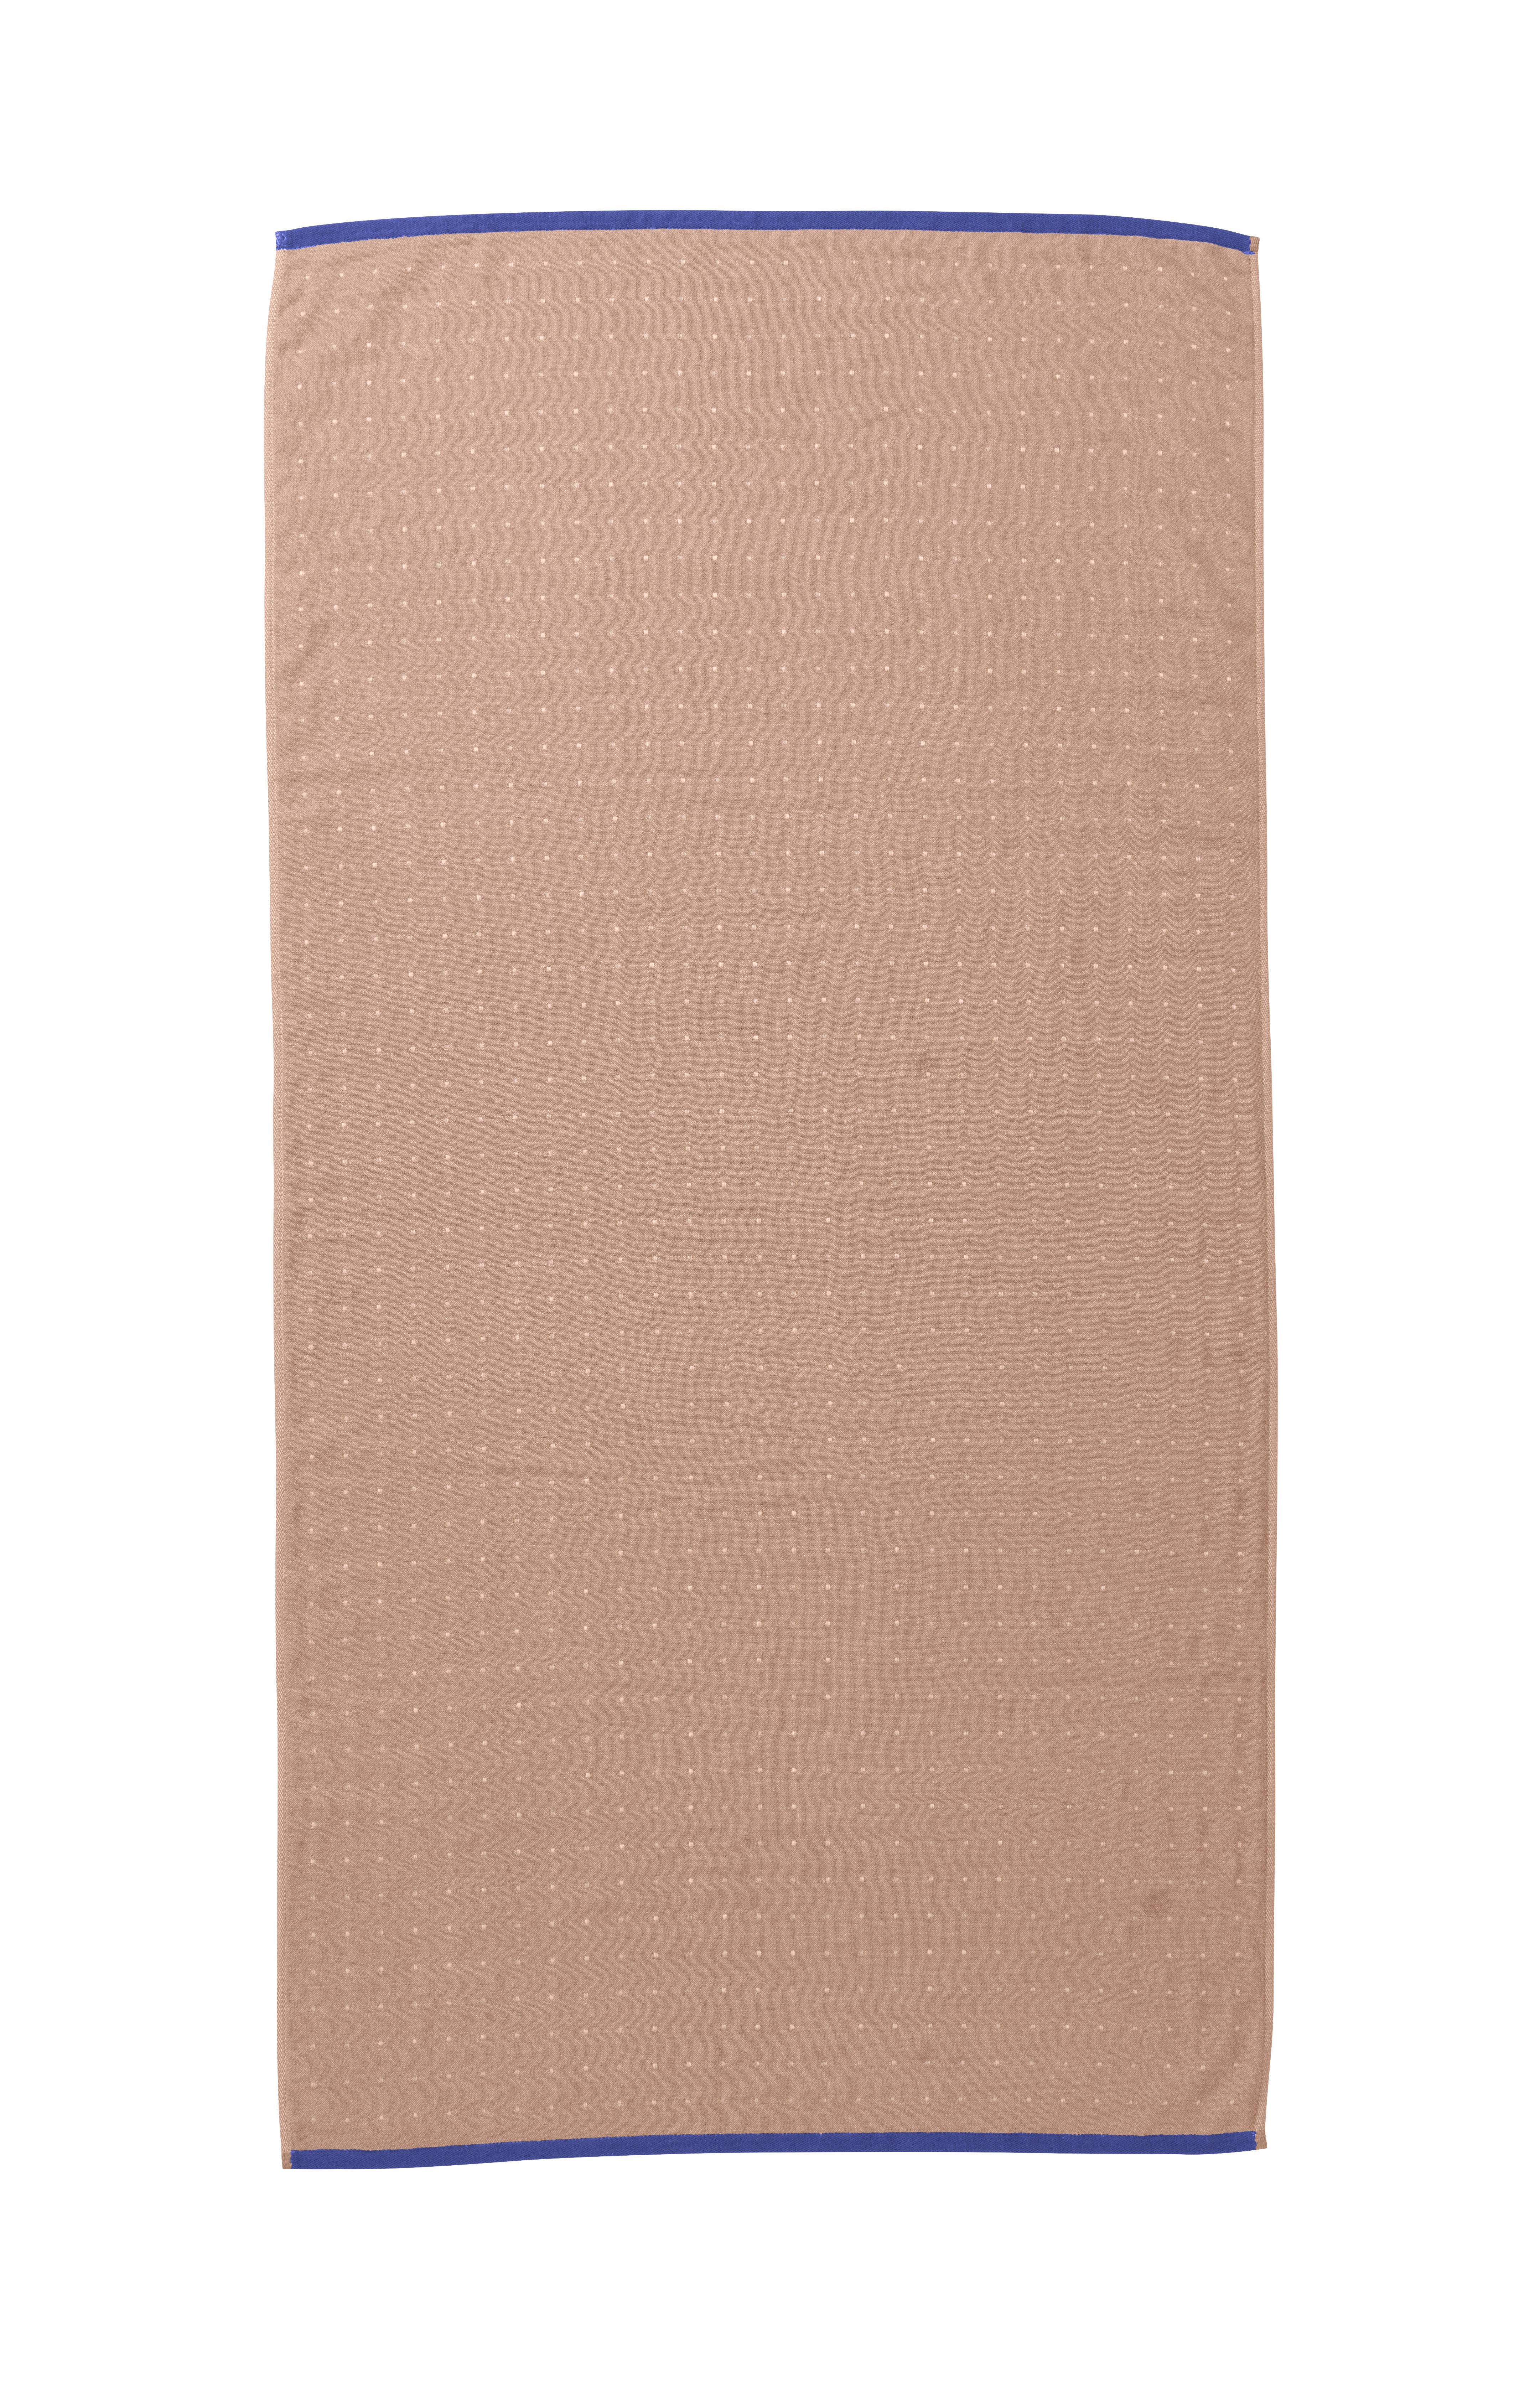 Dekoration - Wohntextilien - Sento Badelaken / Bio-Qualität - 140 x 70 cm - Ferm Living - Rosa - Baumwolle